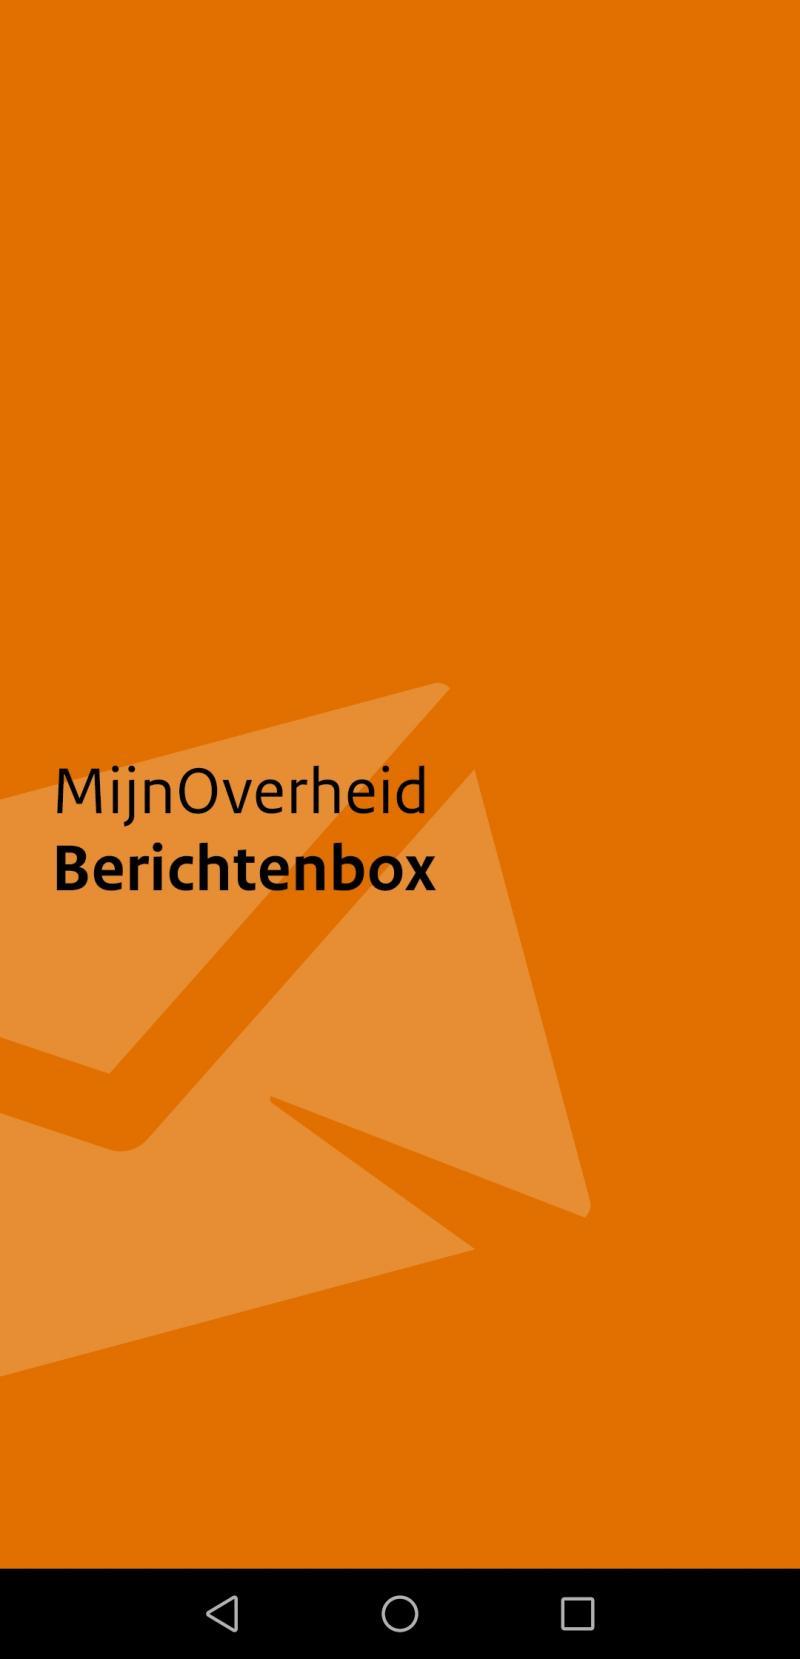 FOK.nl / Nieuws / MijnOverheid lanceert Berichtenbox app